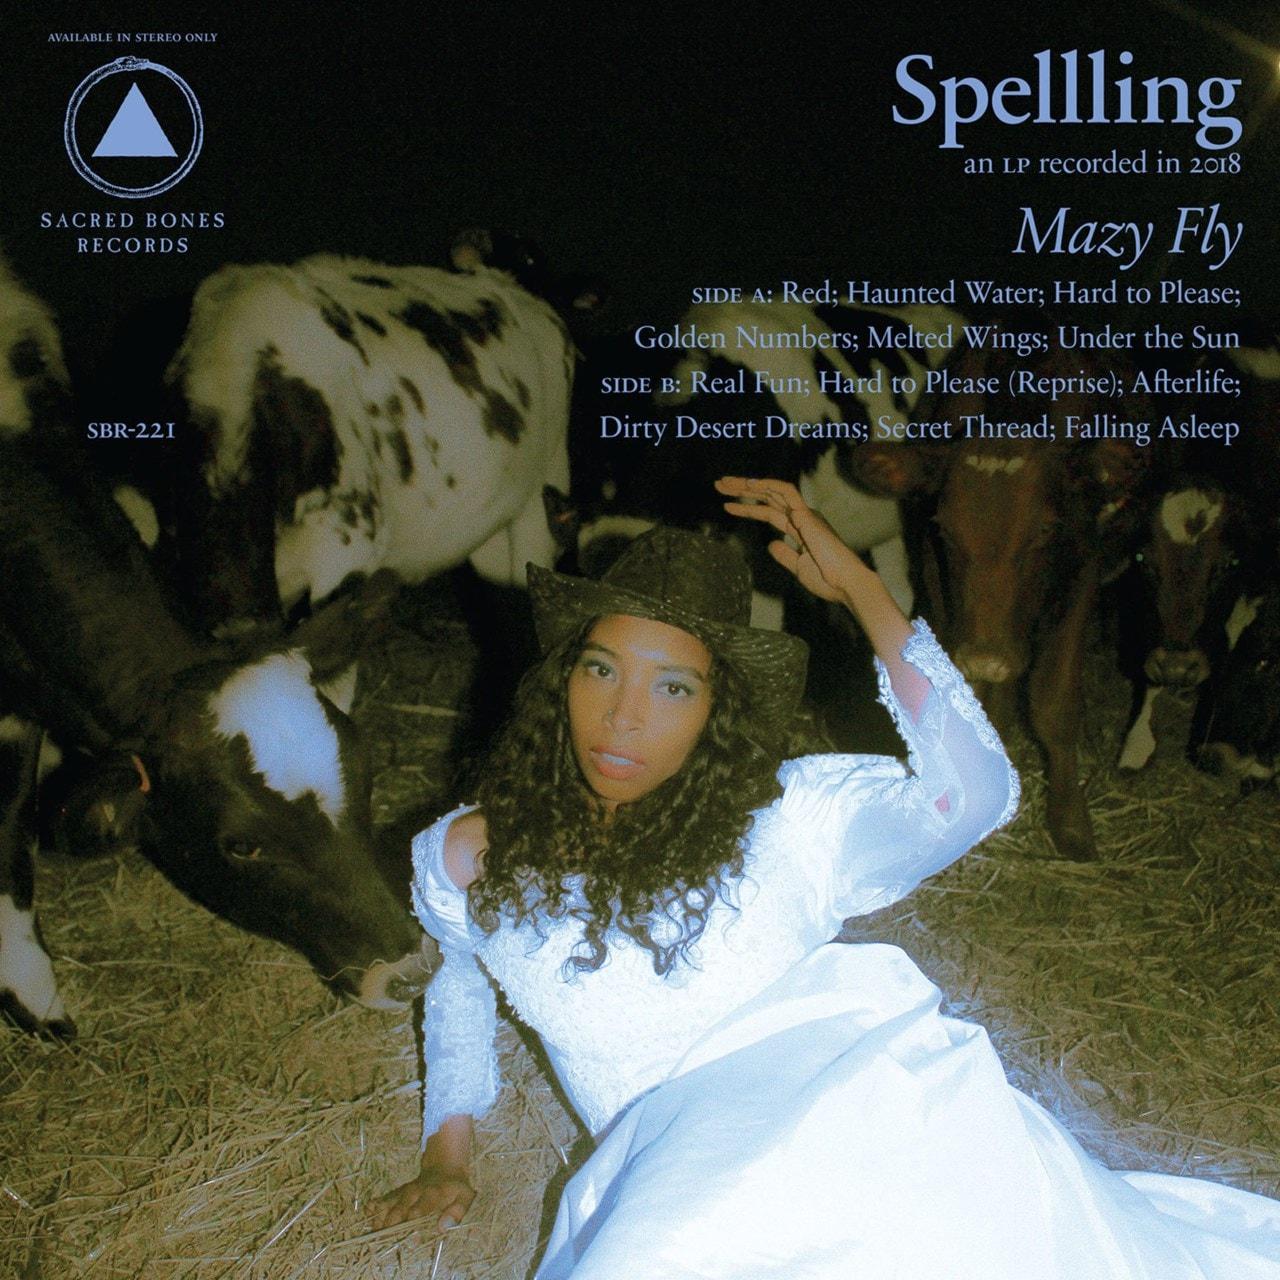 Mazy Fly - 1